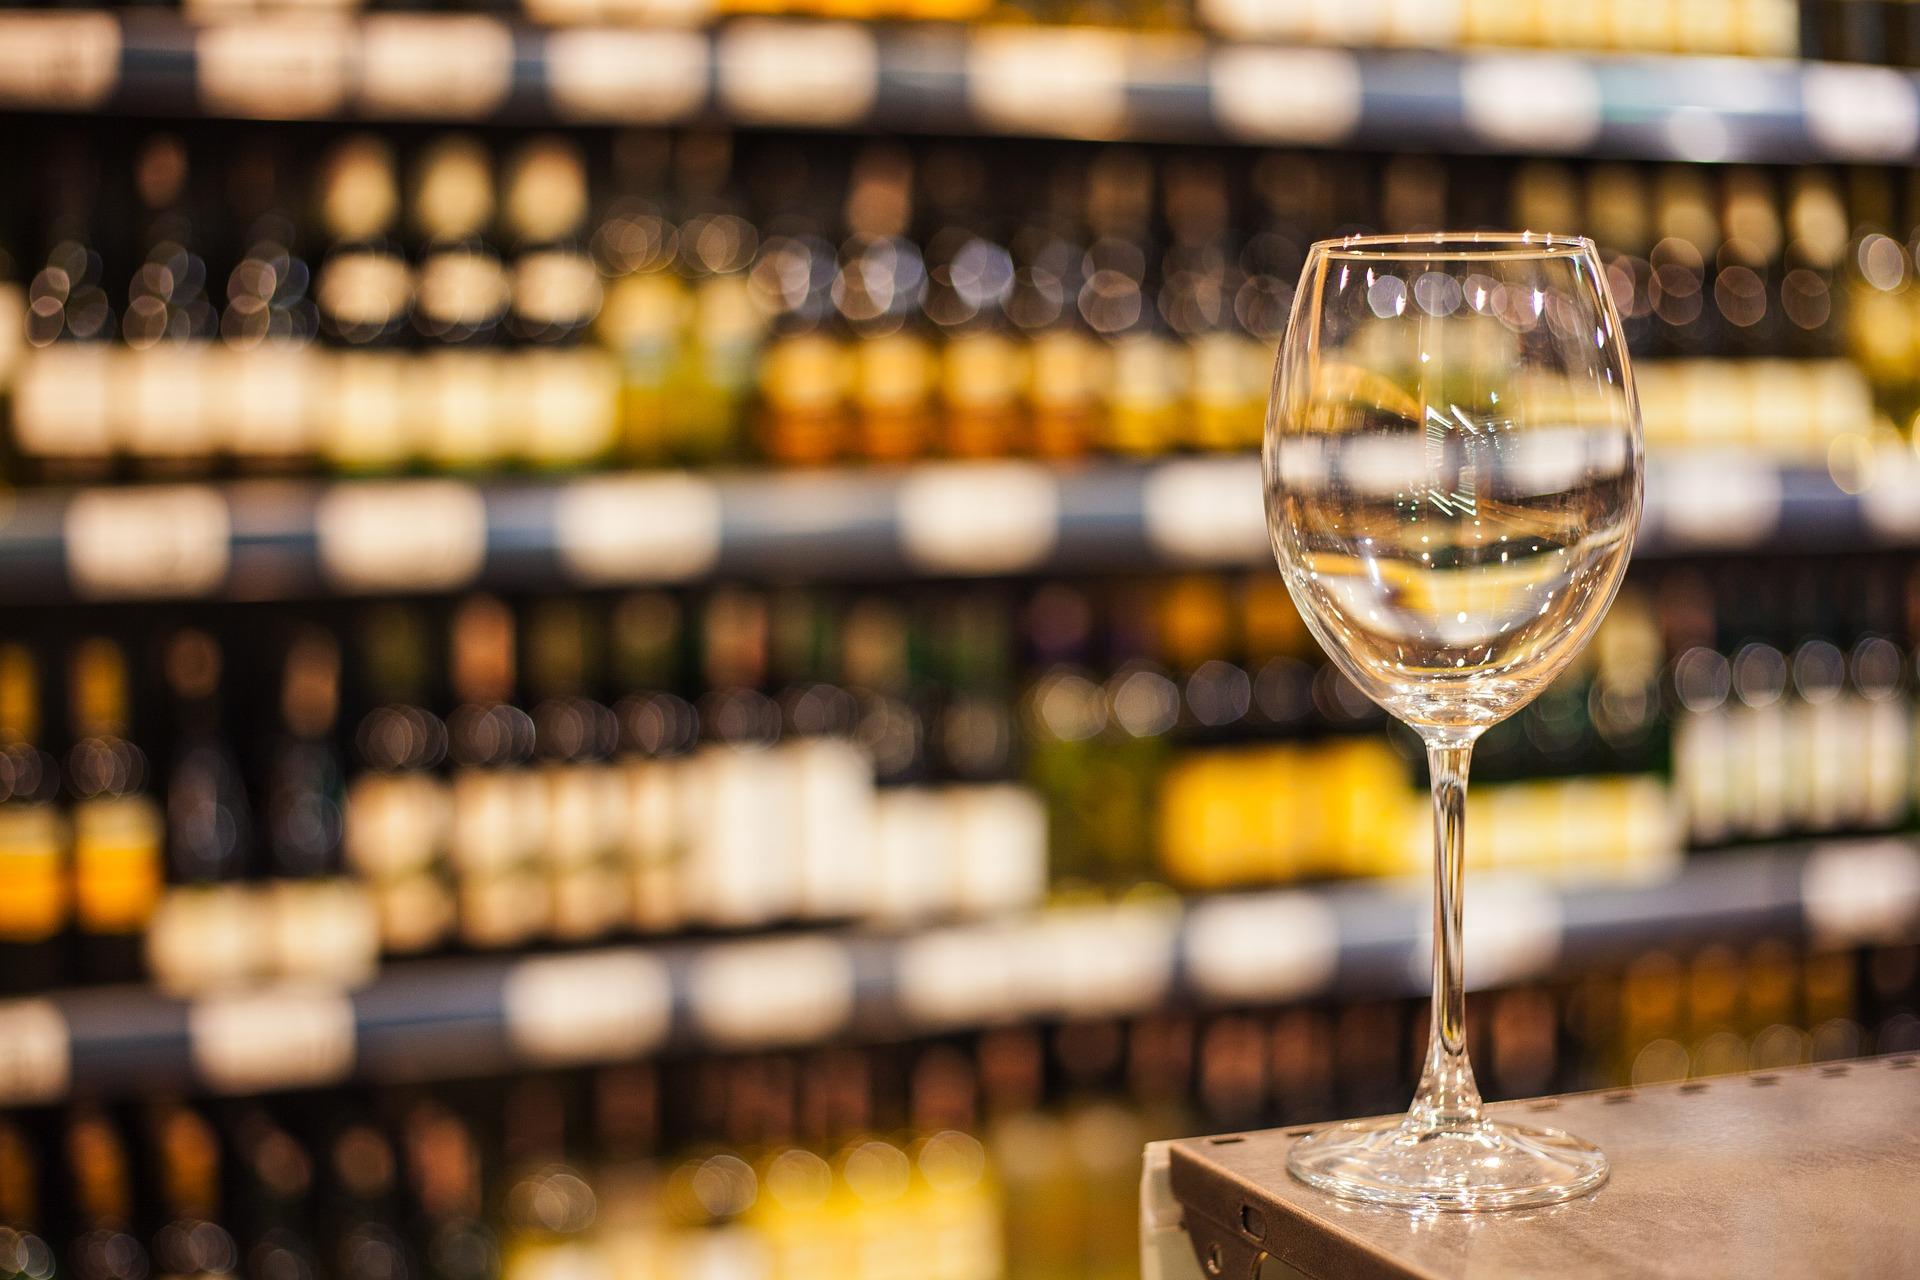 wine-shop - Where to buy organic wine